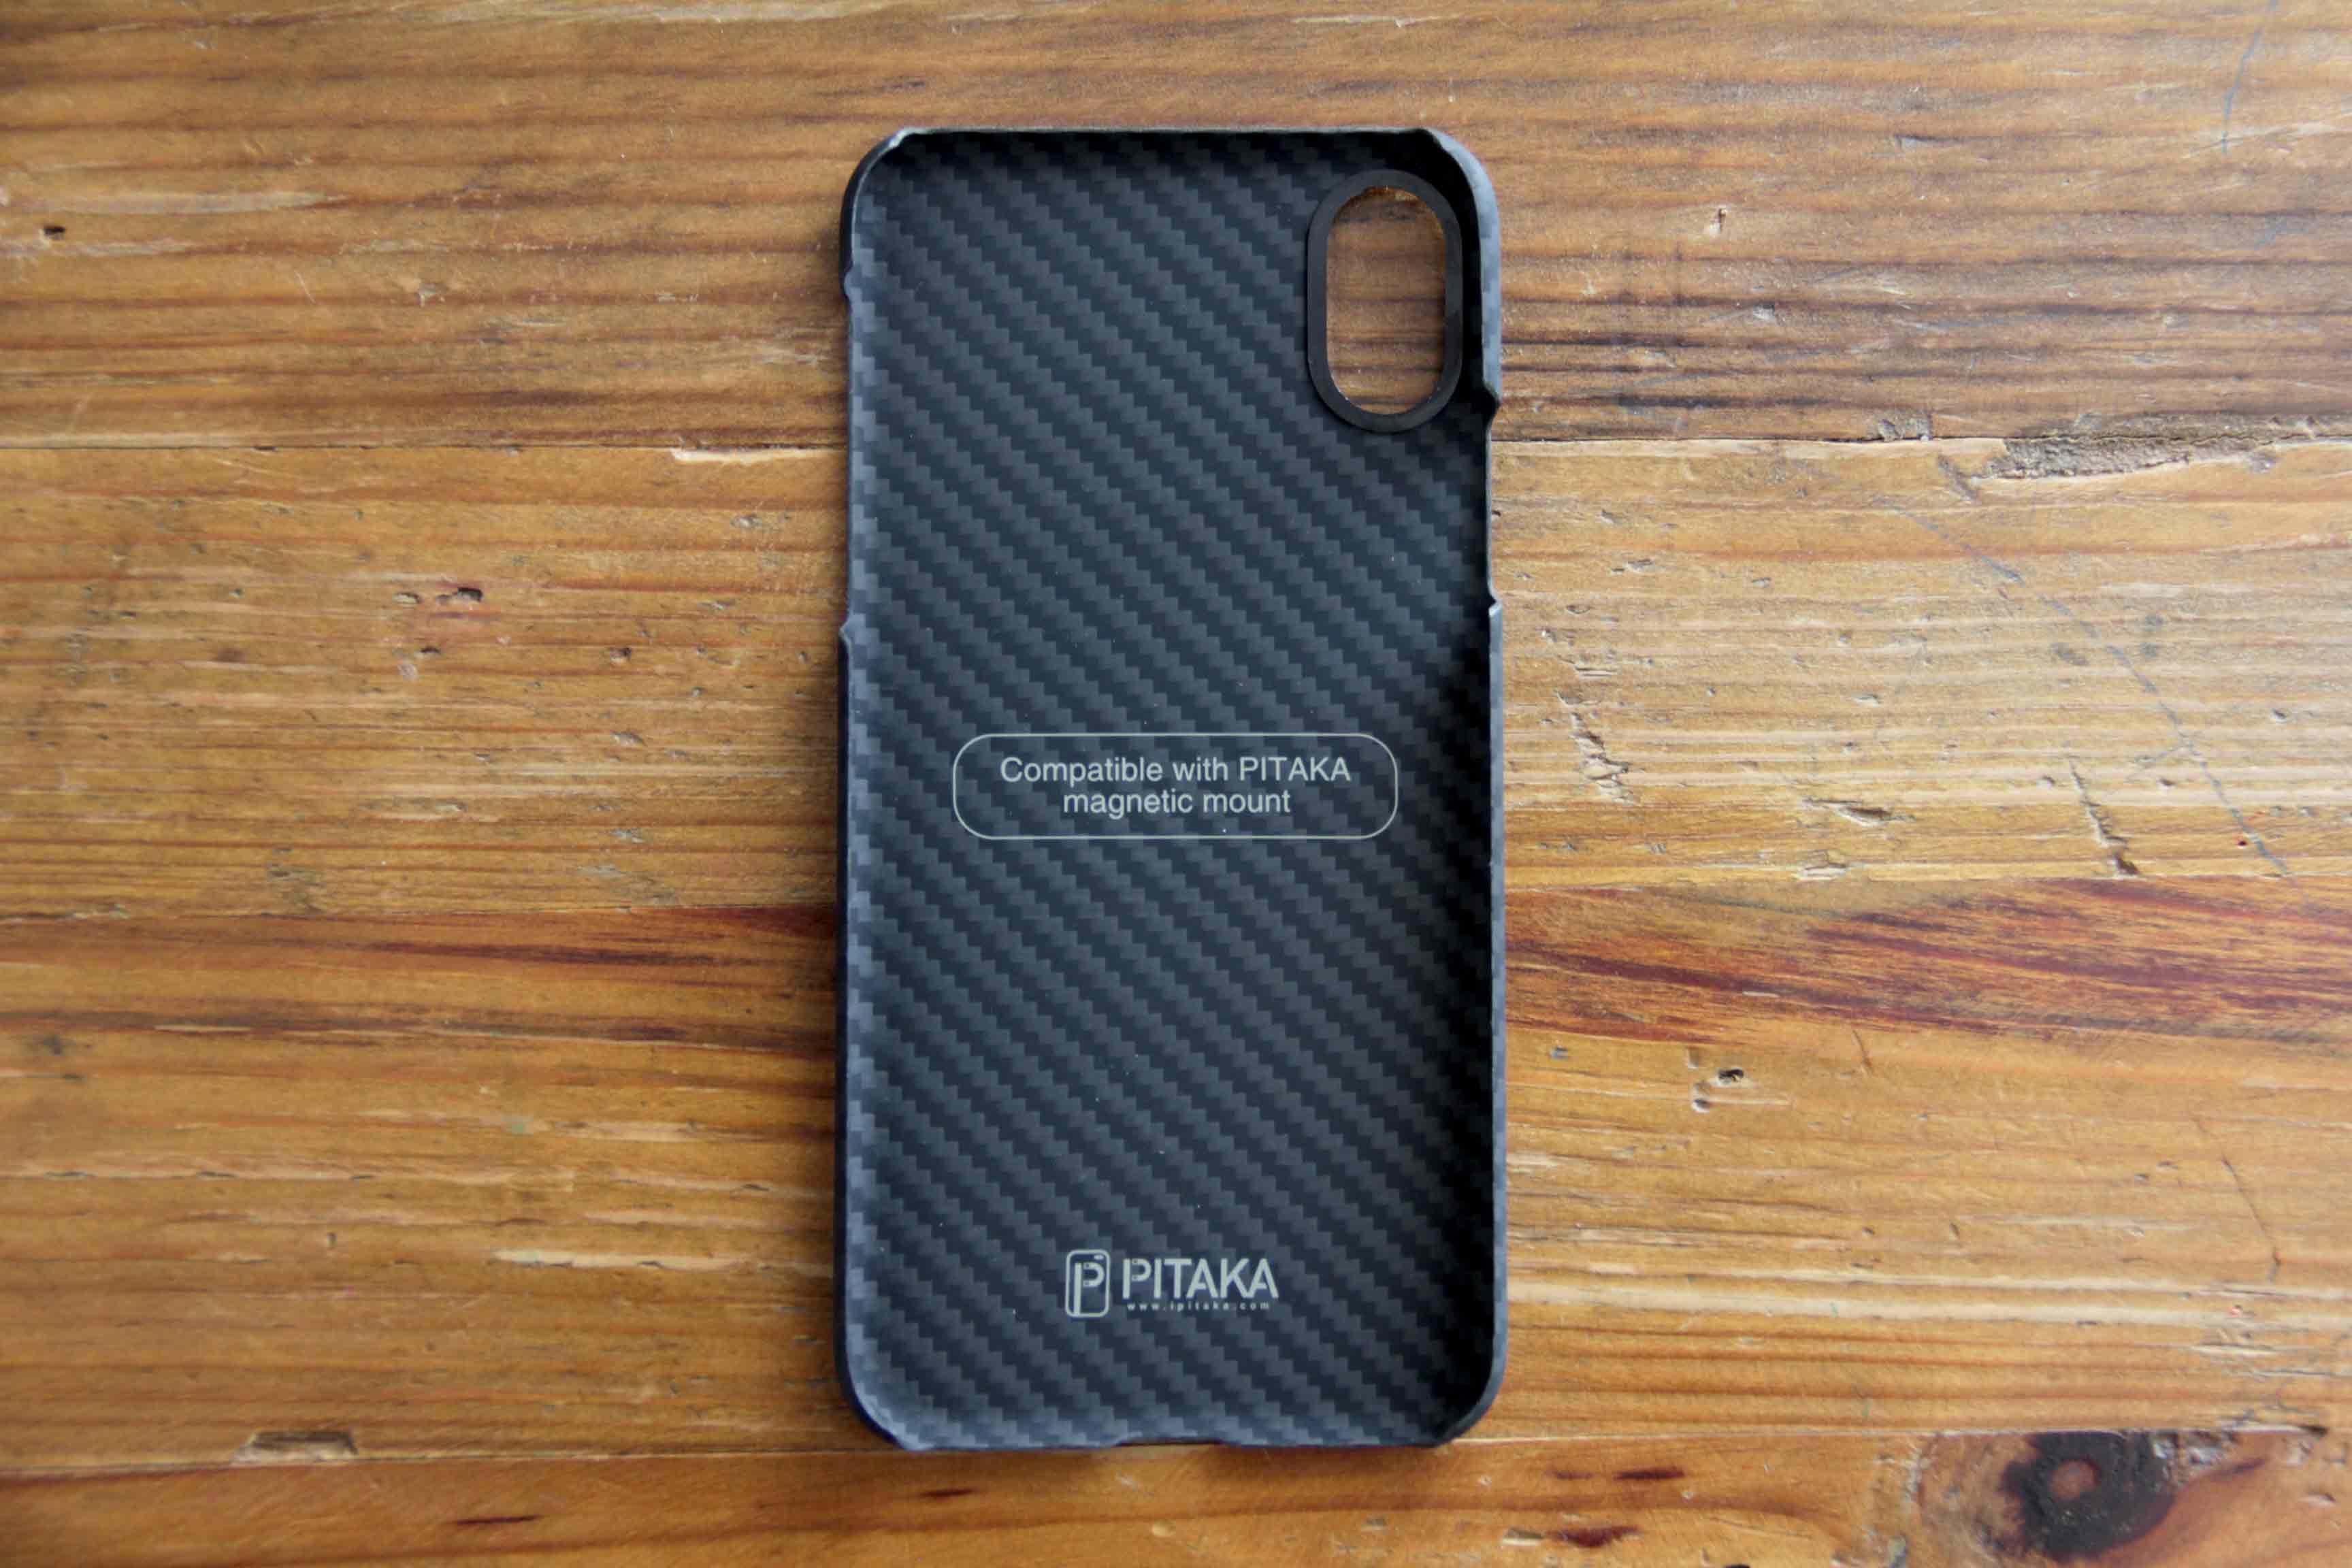 PITAKA iPhoneXケース内側の写真